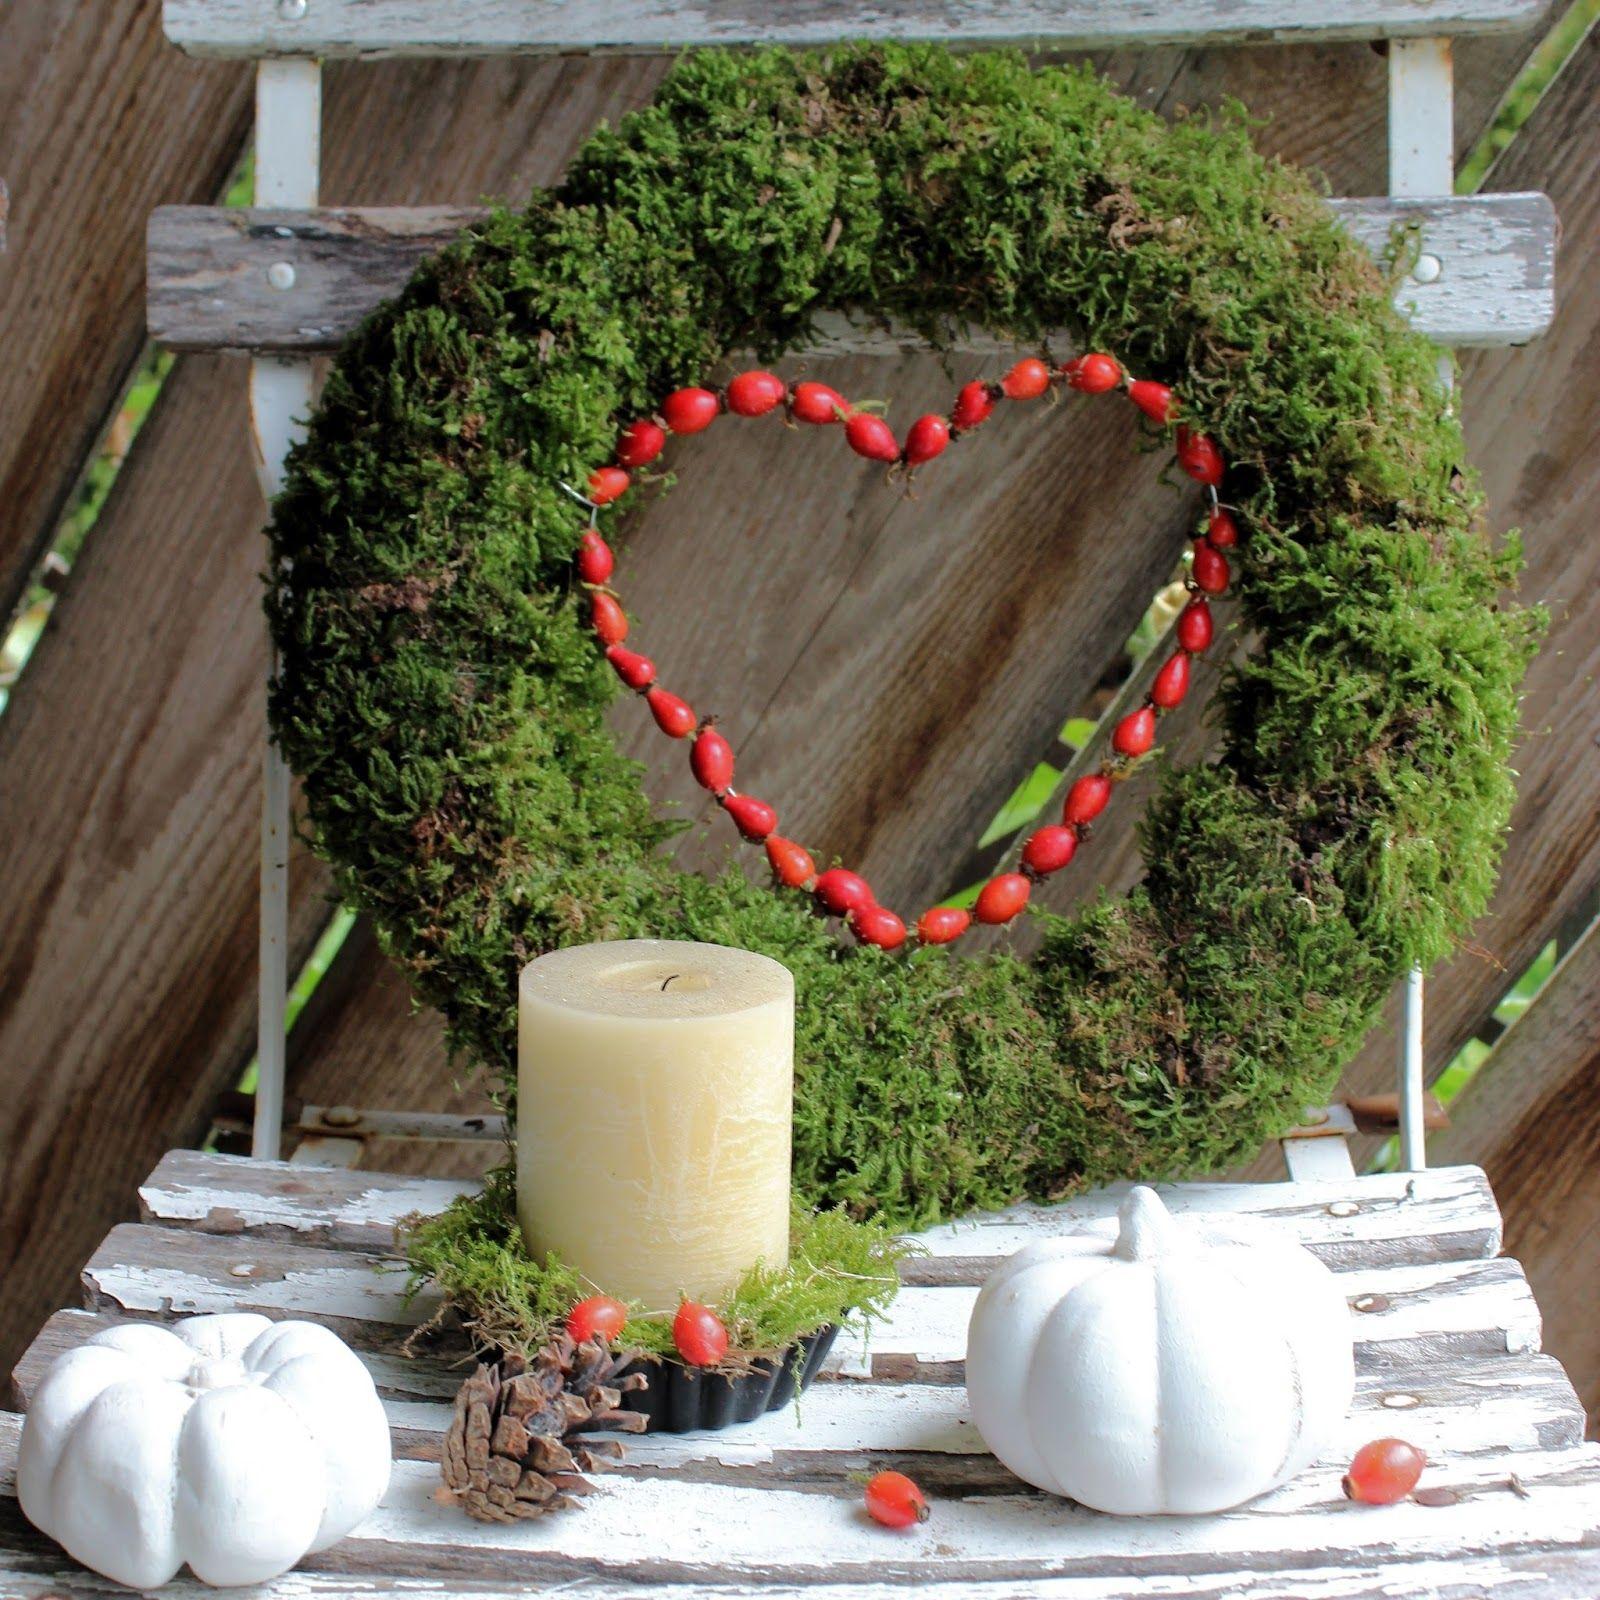 Landidylle: Mooskränze und Herbstdeko im Garten #dekoeingangsbereichaussen